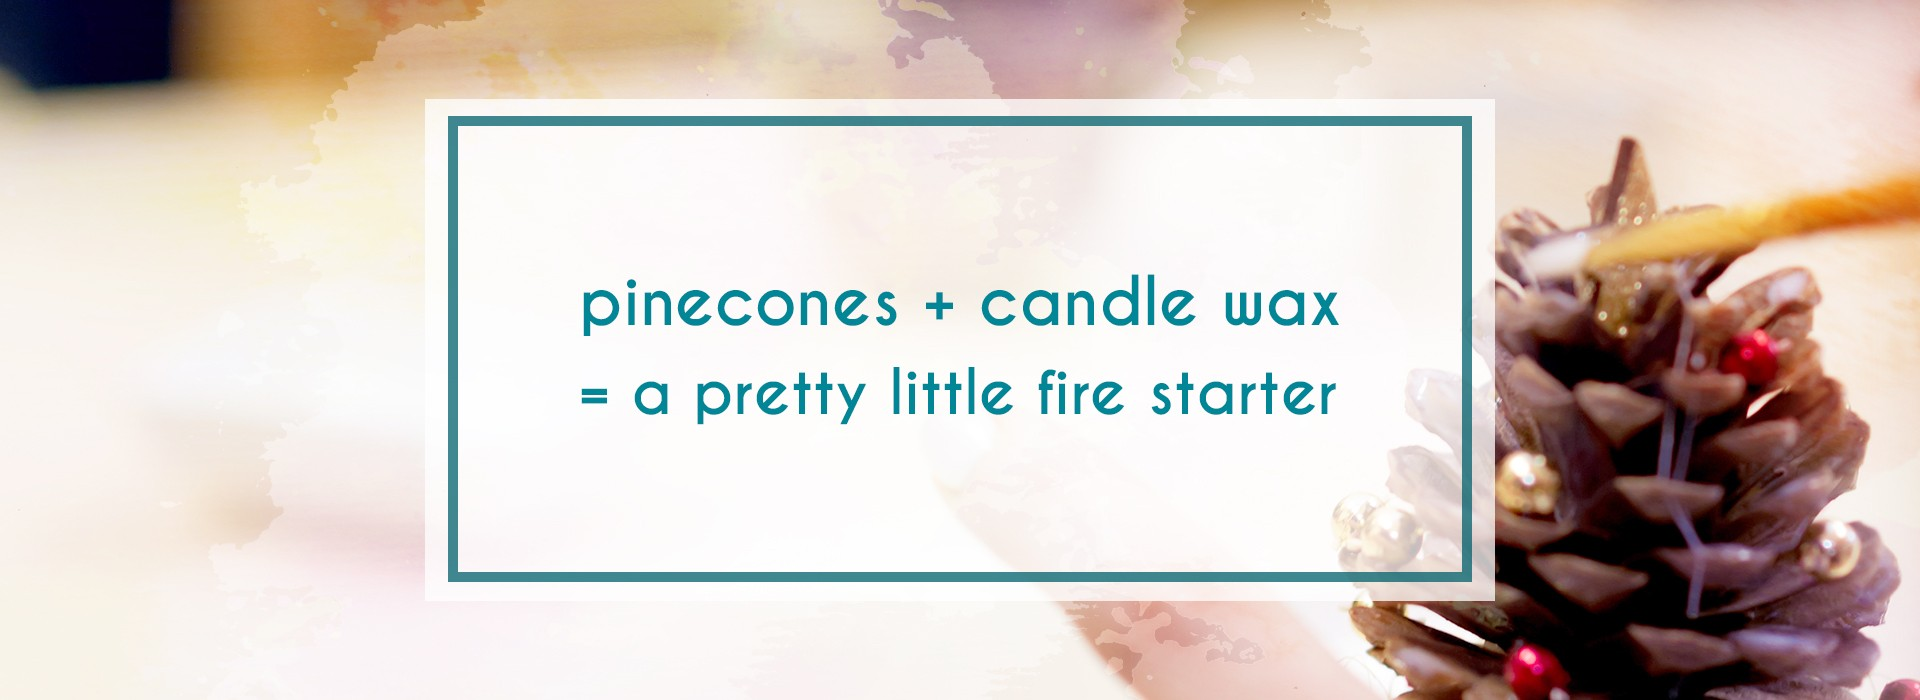 Pinecone firestarters